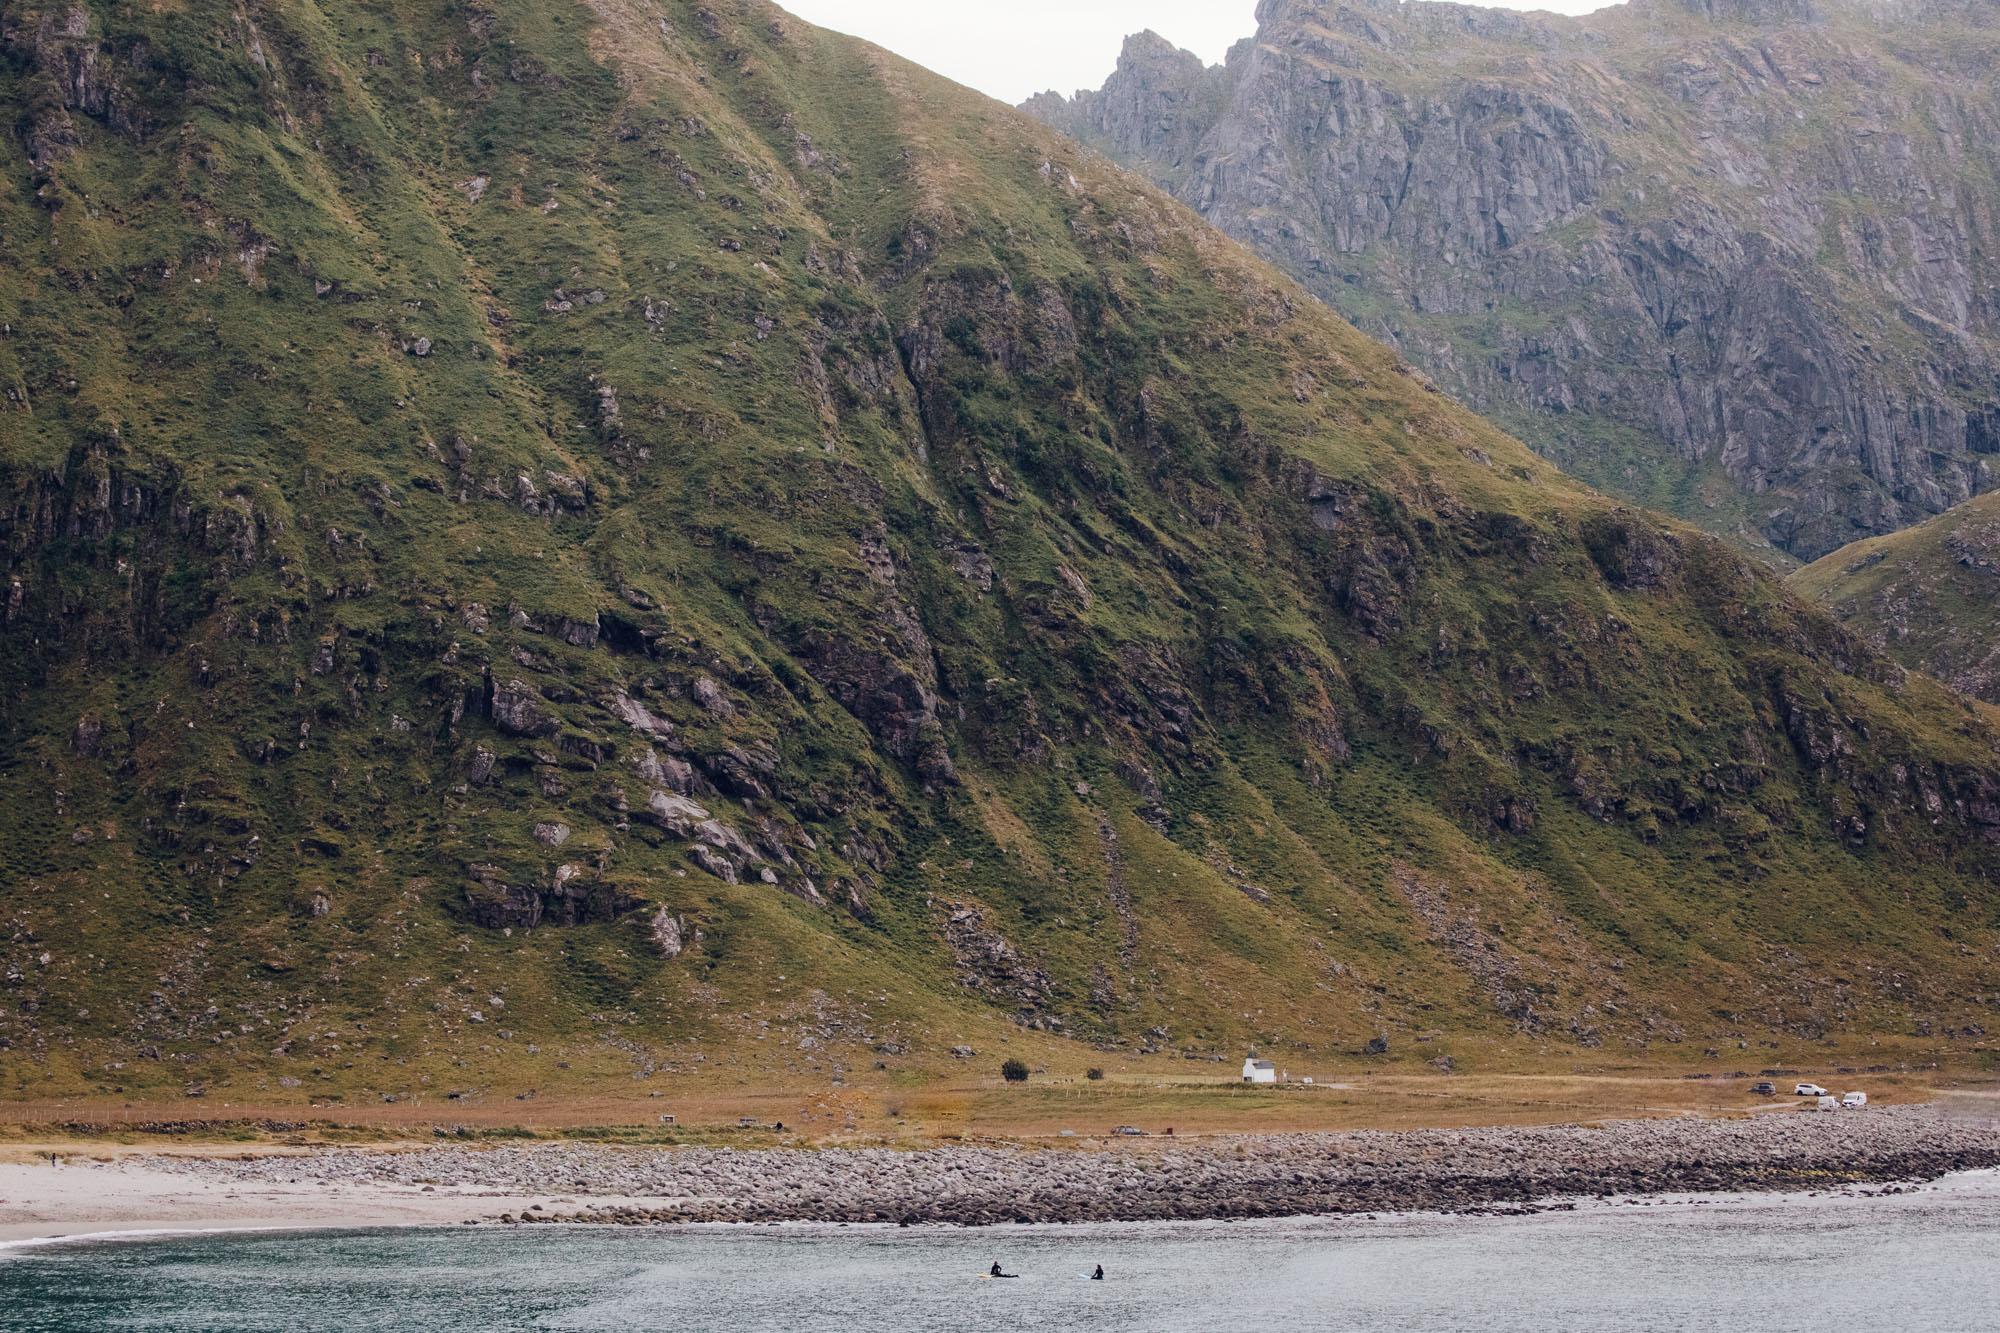 Haukland beach arctic surfers in Lofoten, Norway